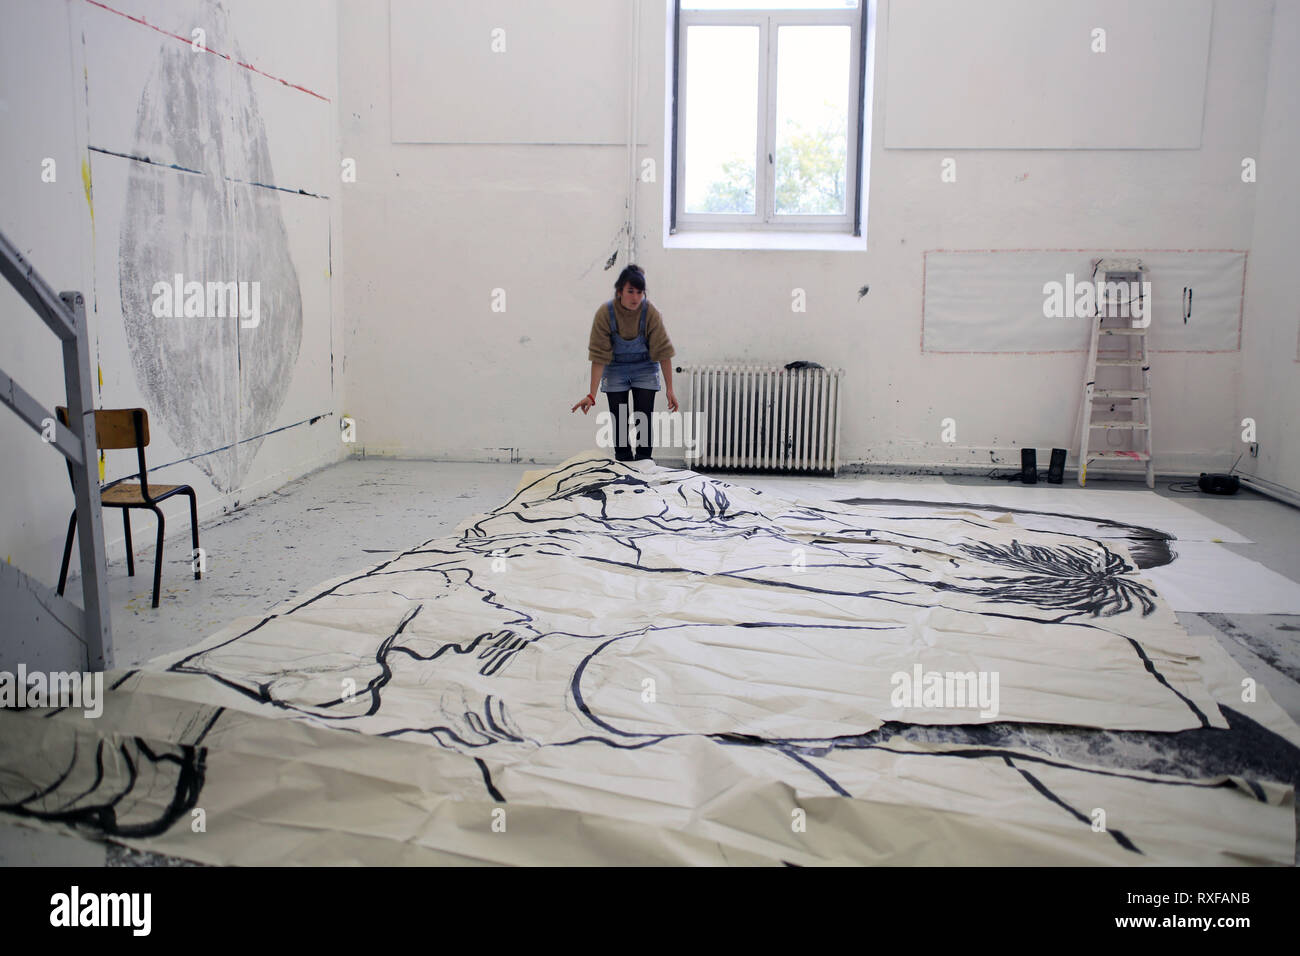 Dans l'atelier des artistes Ella & Pitr à Saint-Etienne - Stock Image